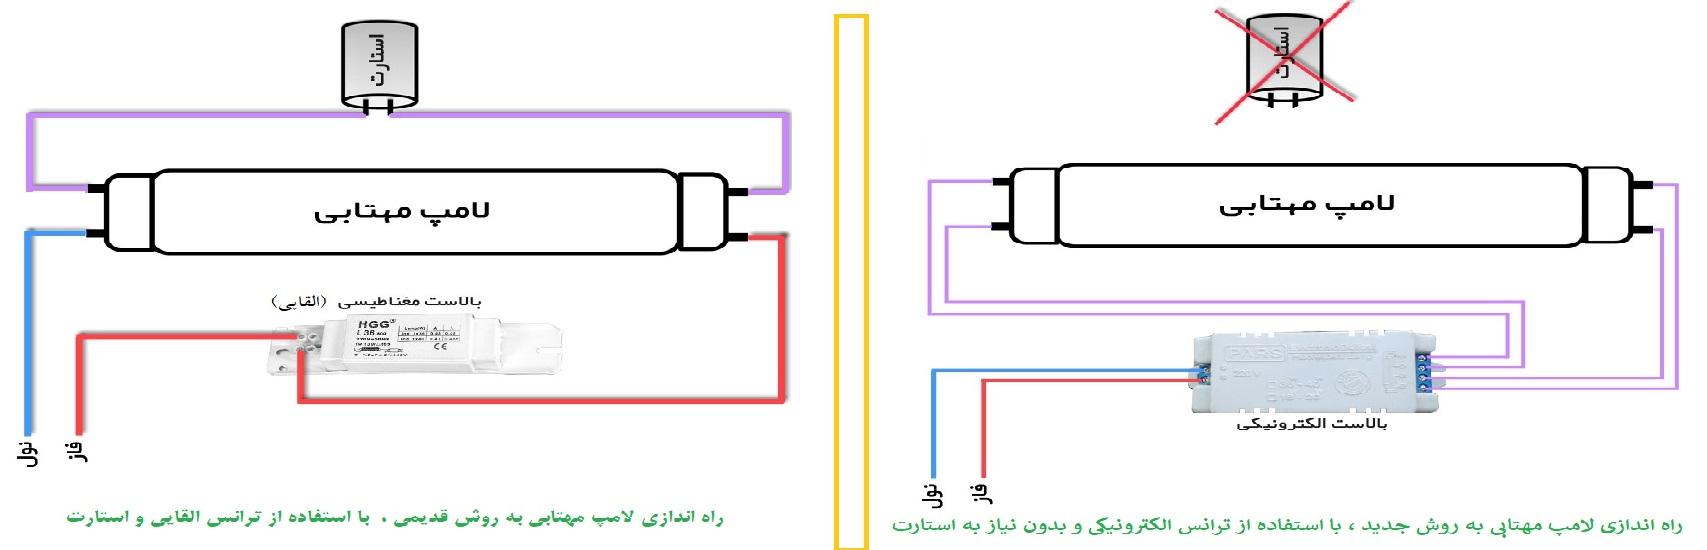 نقشه راه اندازی لامپ مهتابی با ترانسهای مختلف